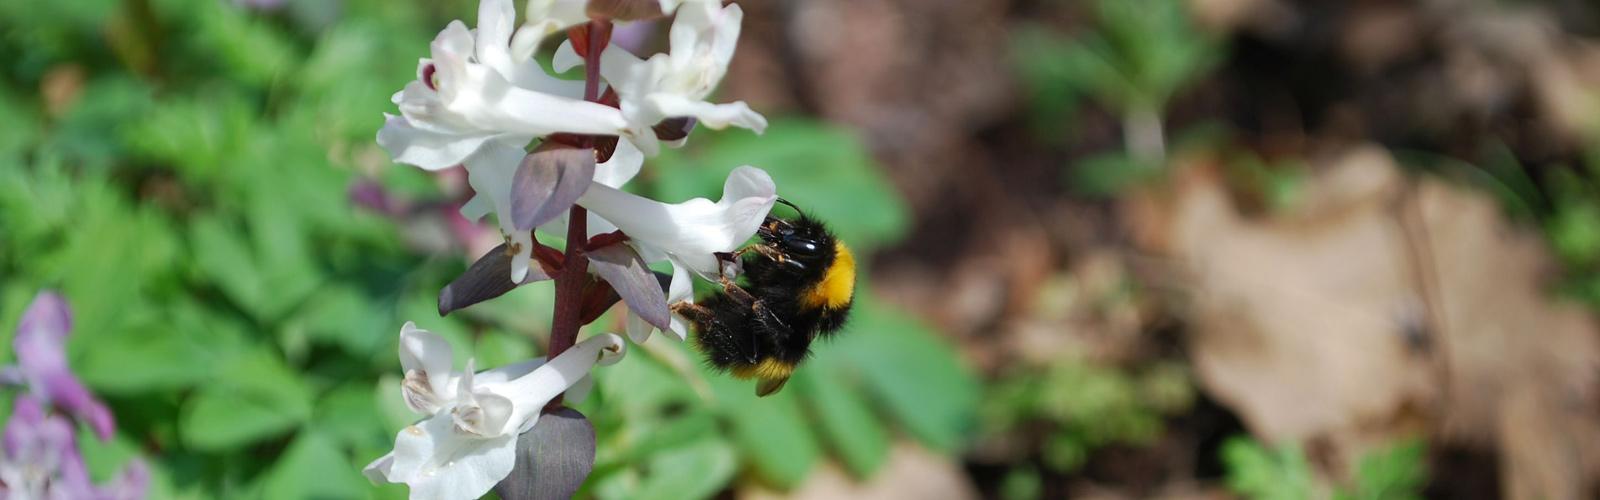 dongó tavasszal virágon